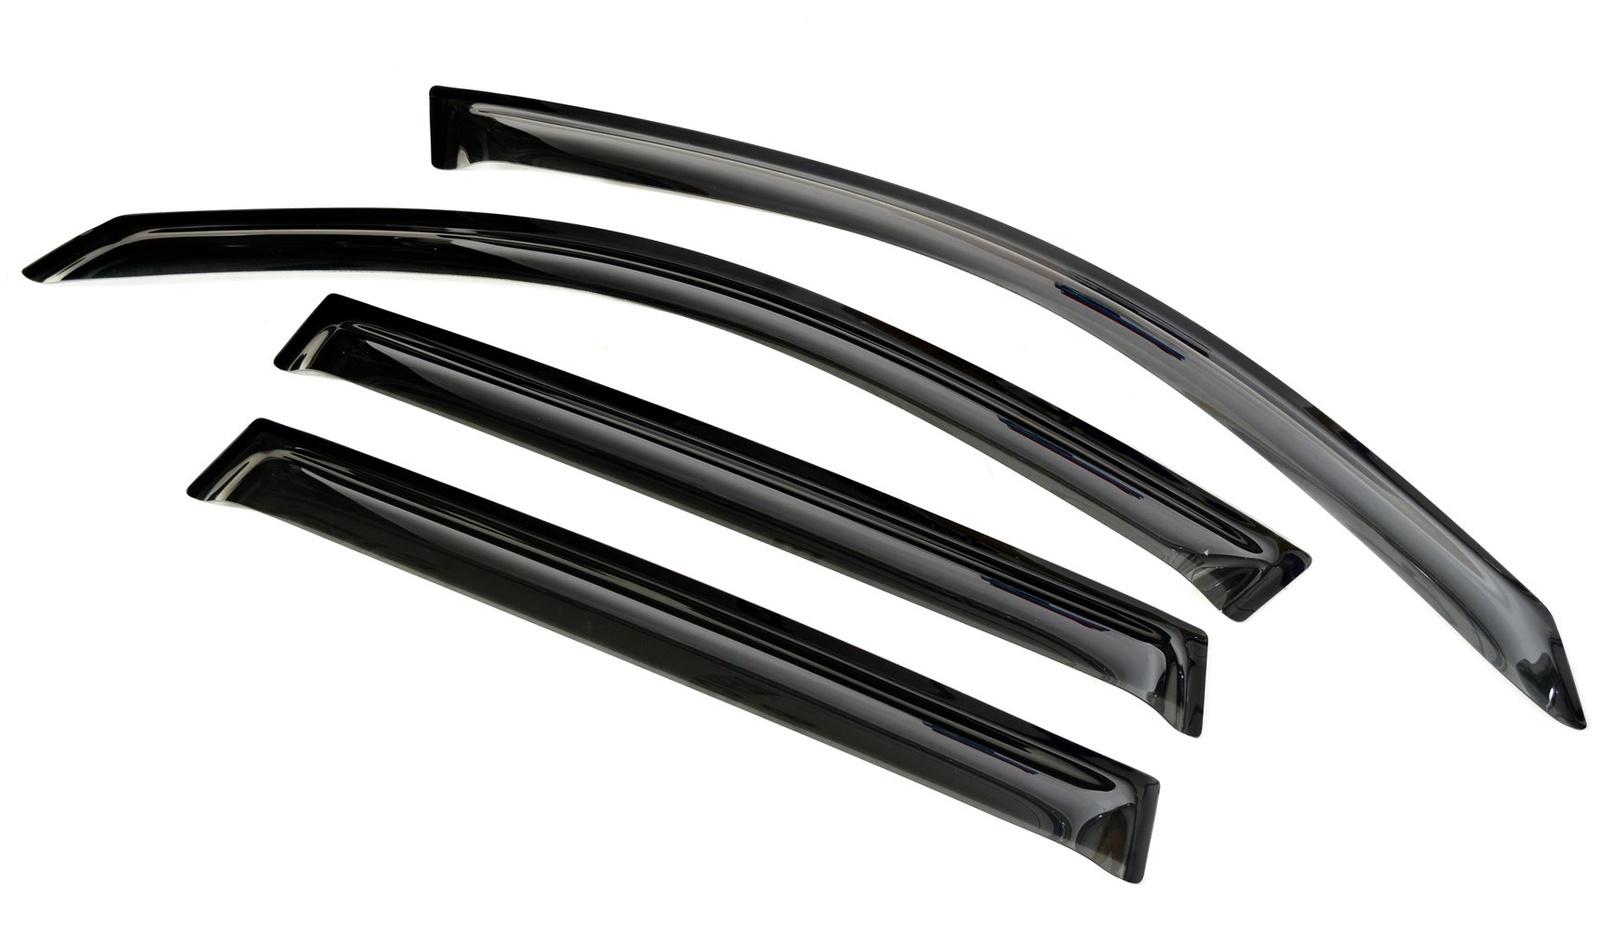 Ветровик SIM Дефлекторы боковых окон BMW X3 (2011-2017) 4дв (темный)